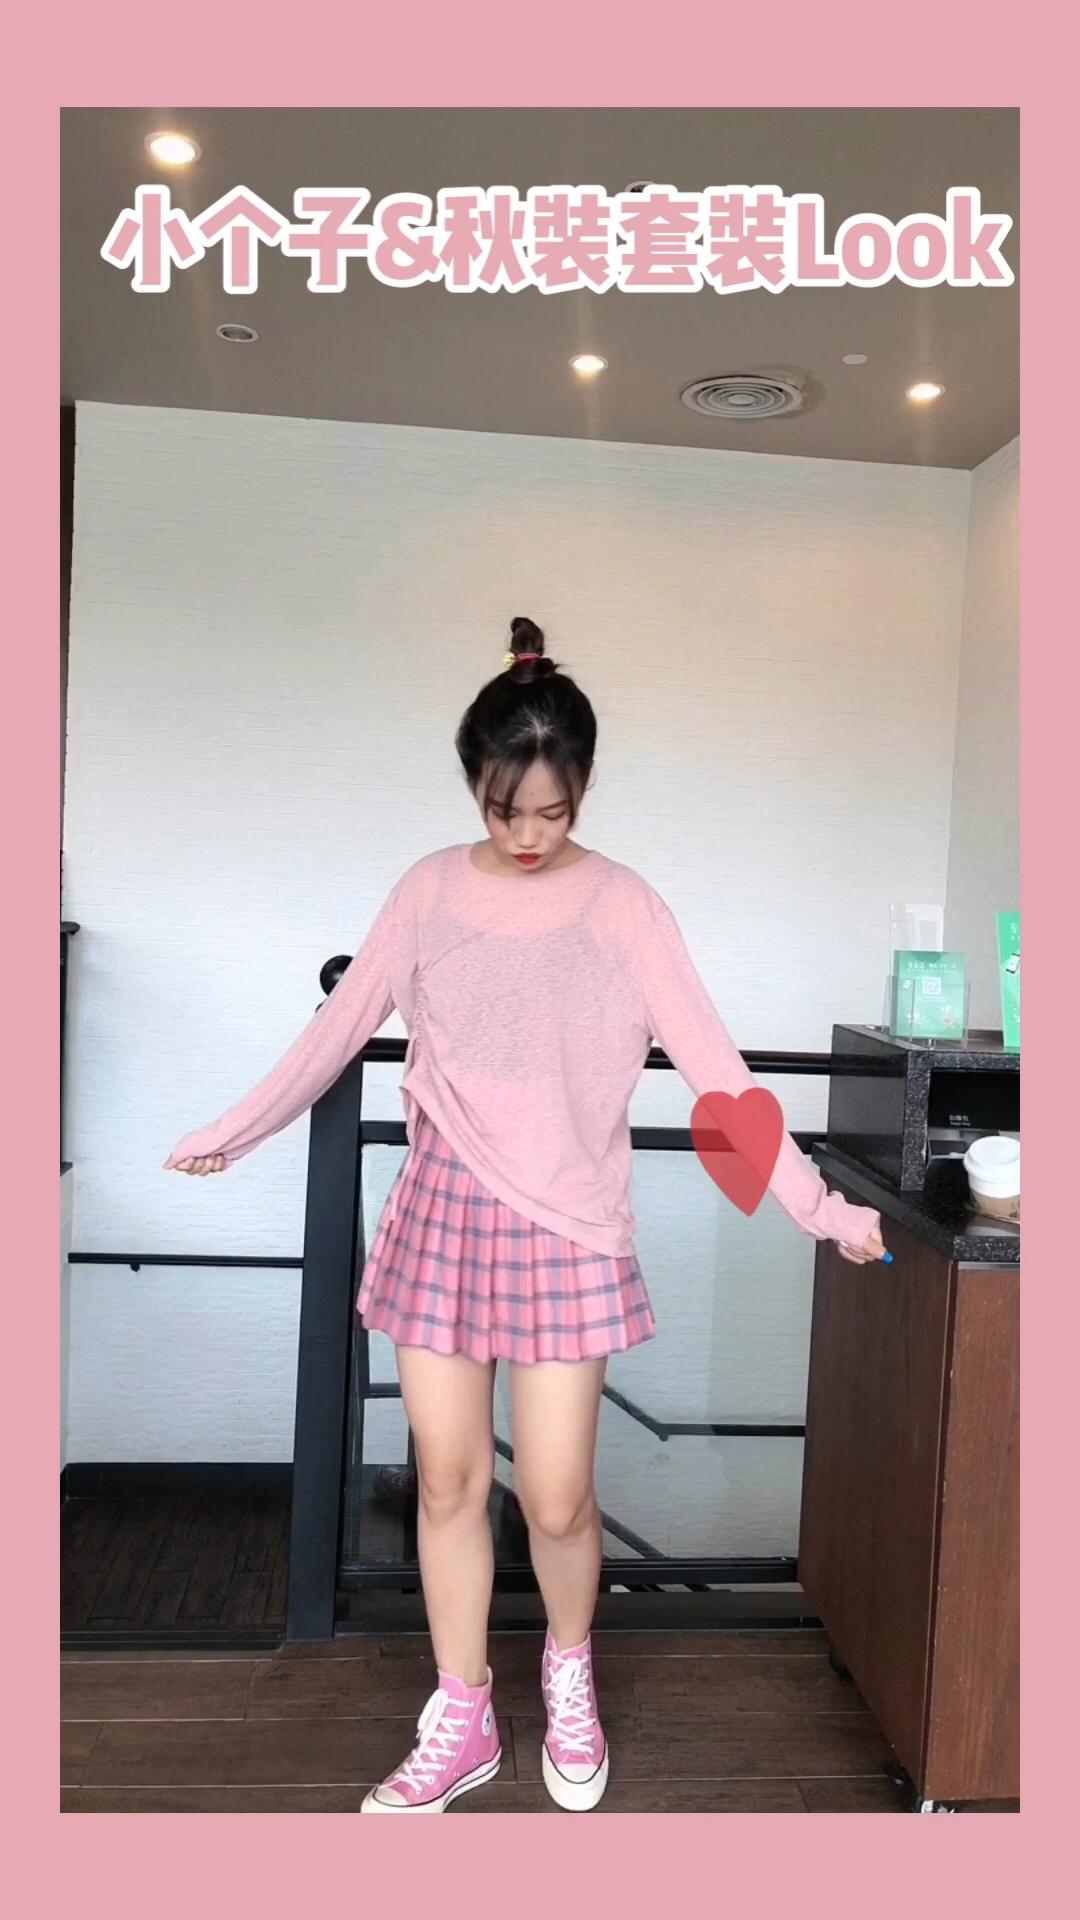 粉色套装~ 秋天来了 最喜欢的季节 不冷不热 穿这样也正好呢 喜欢吗 粉粉的~ 搭配上粉色匡威最适合啦 #秋装上新穿搭打卡#